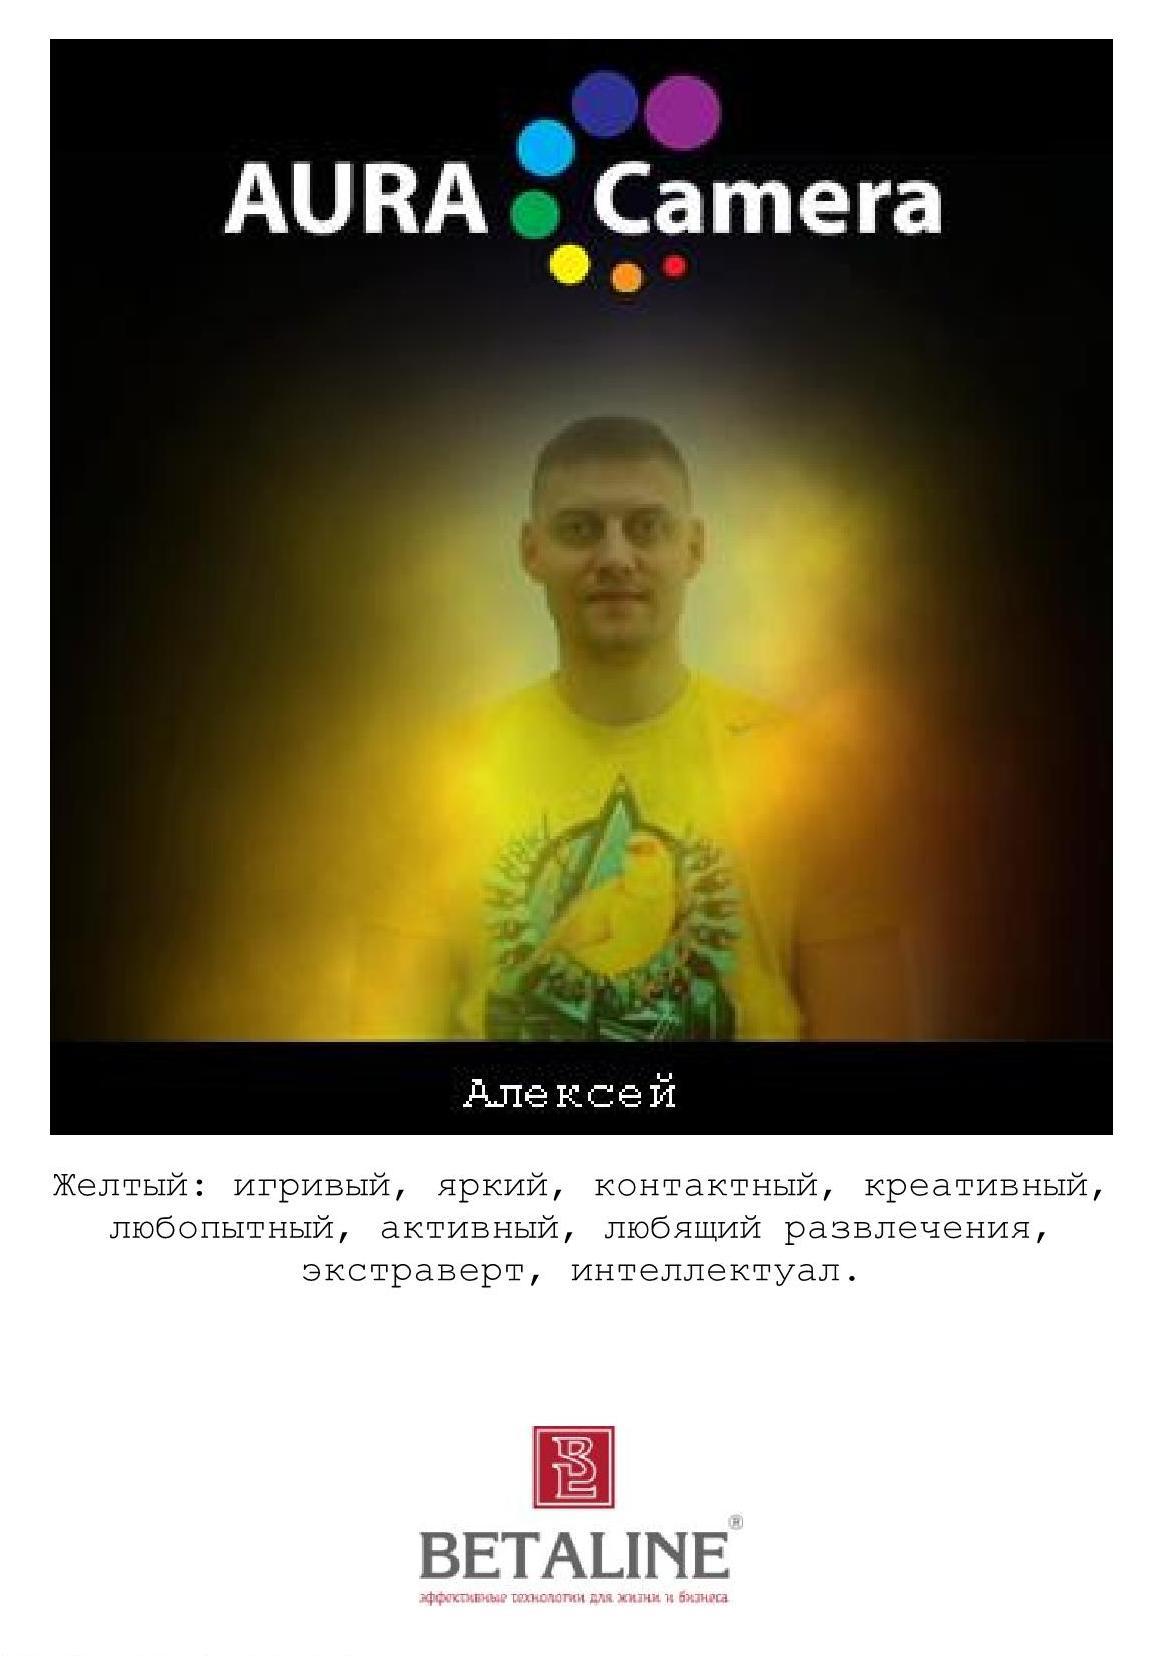 Report01N Крыжановский Алексей1